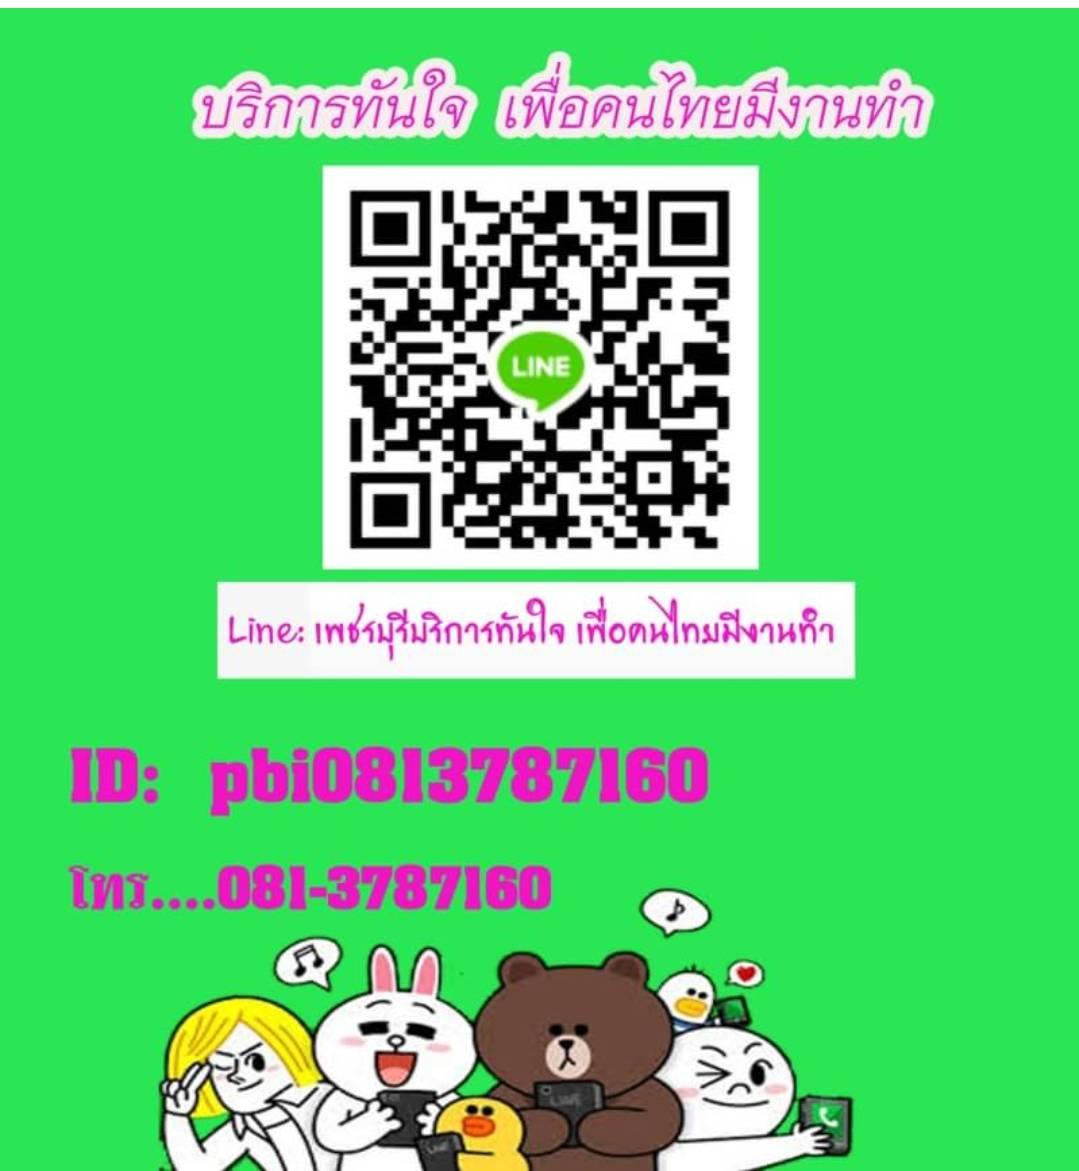 บริการทันใจเพื่อคนไทยมีงานทำ